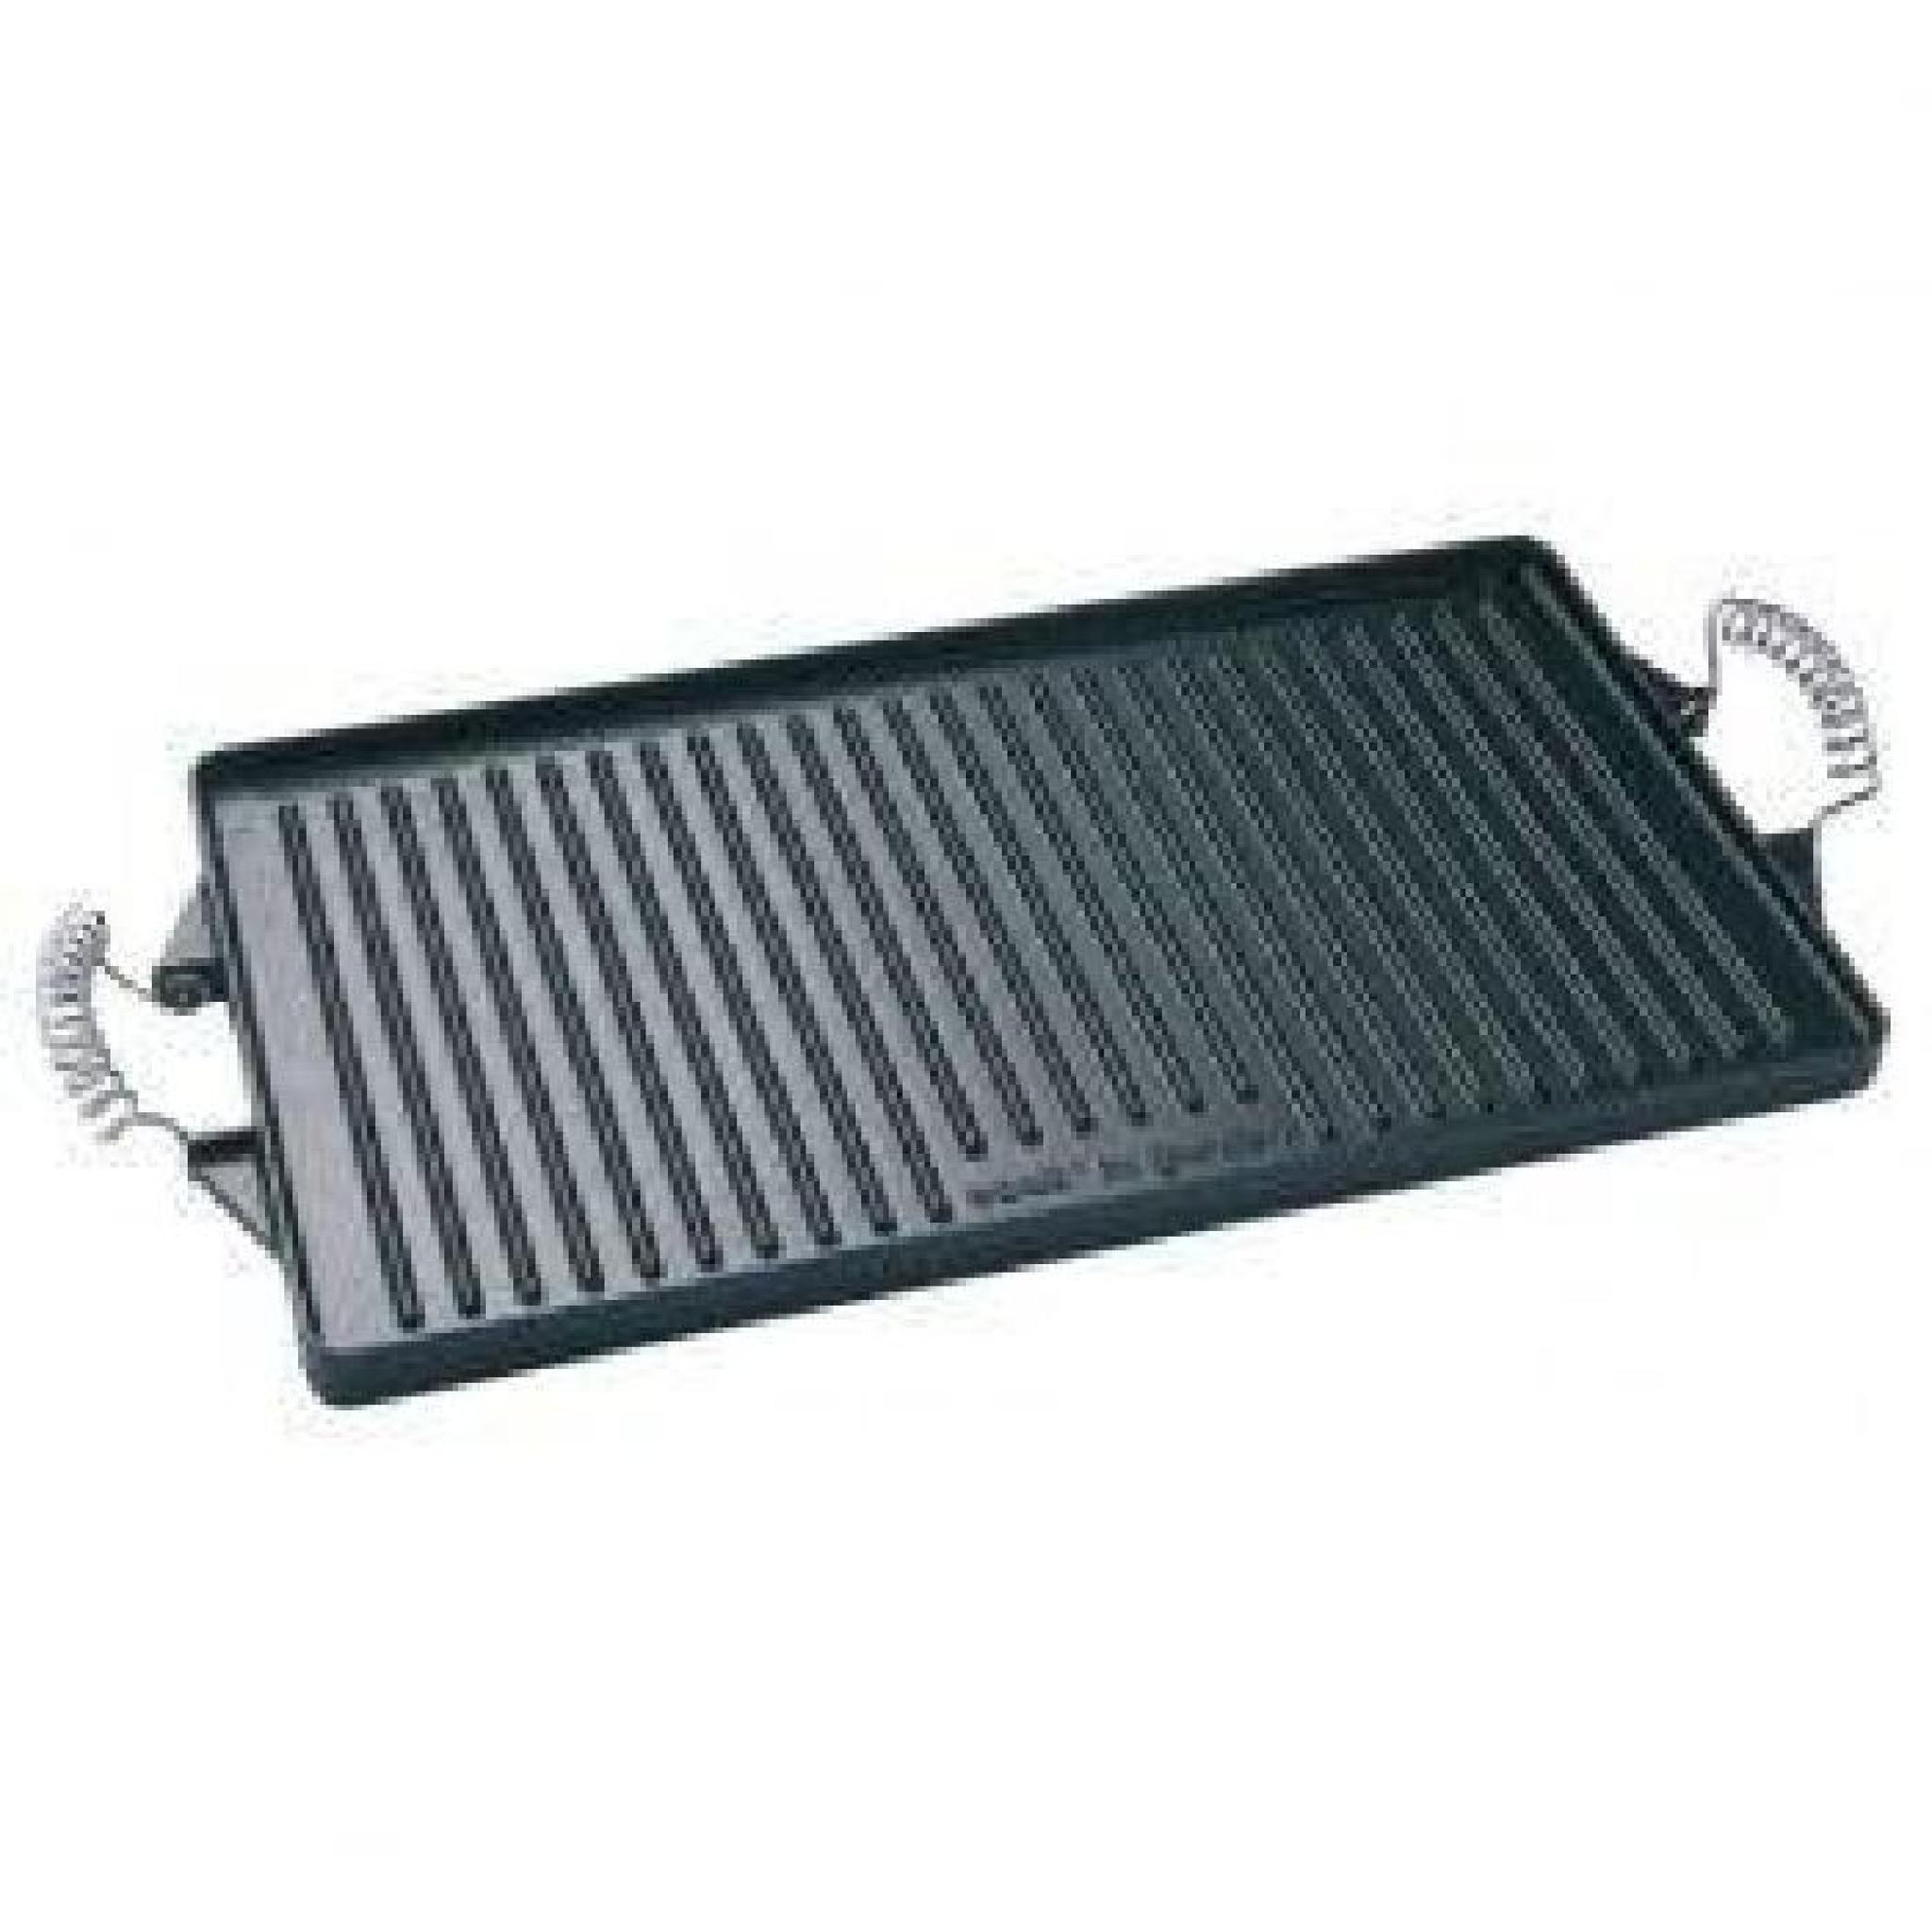 Planche cuire fonte 47x27 cm cook 39 in garden achat vente accessoir - Planche autoclave pas cher ...